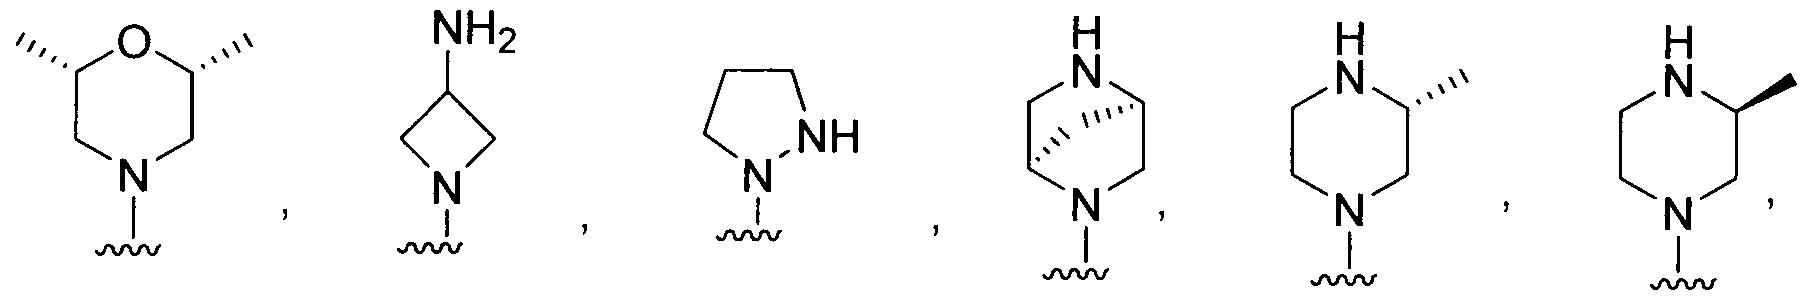 Figure imgf000498_0001